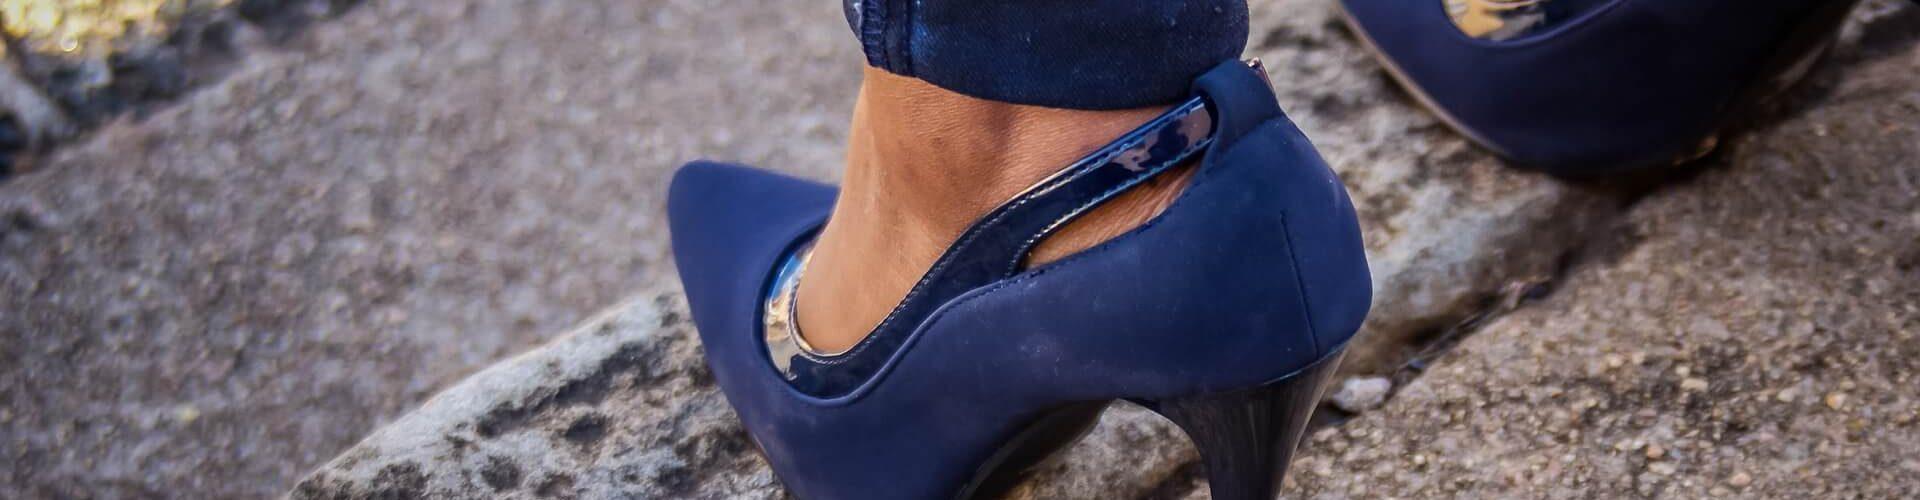 94f1287df8fa Eshop Deichmann.cz - slevy na obuv a kabelky až 60%